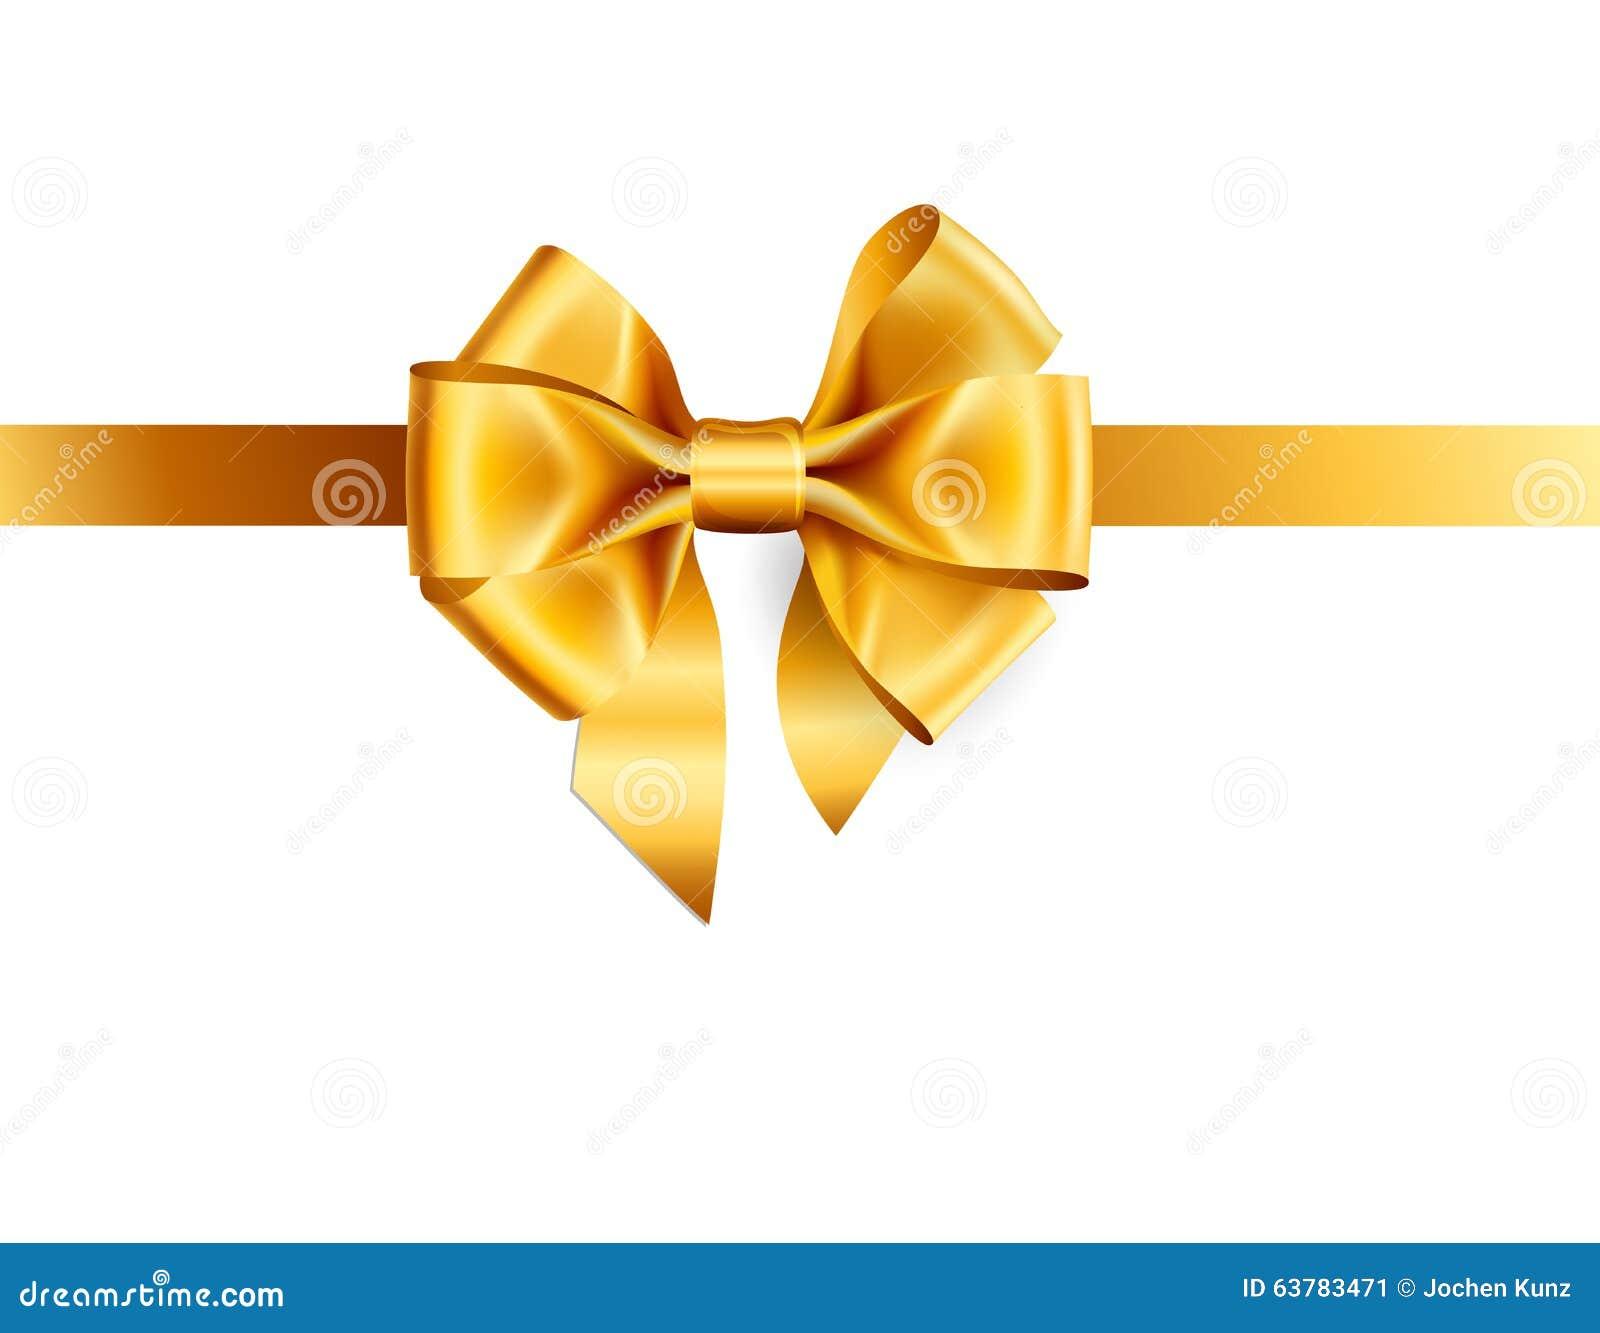 geschenk und geschenkband bogen oder schleife vektor abbildung bild 63783471. Black Bedroom Furniture Sets. Home Design Ideas